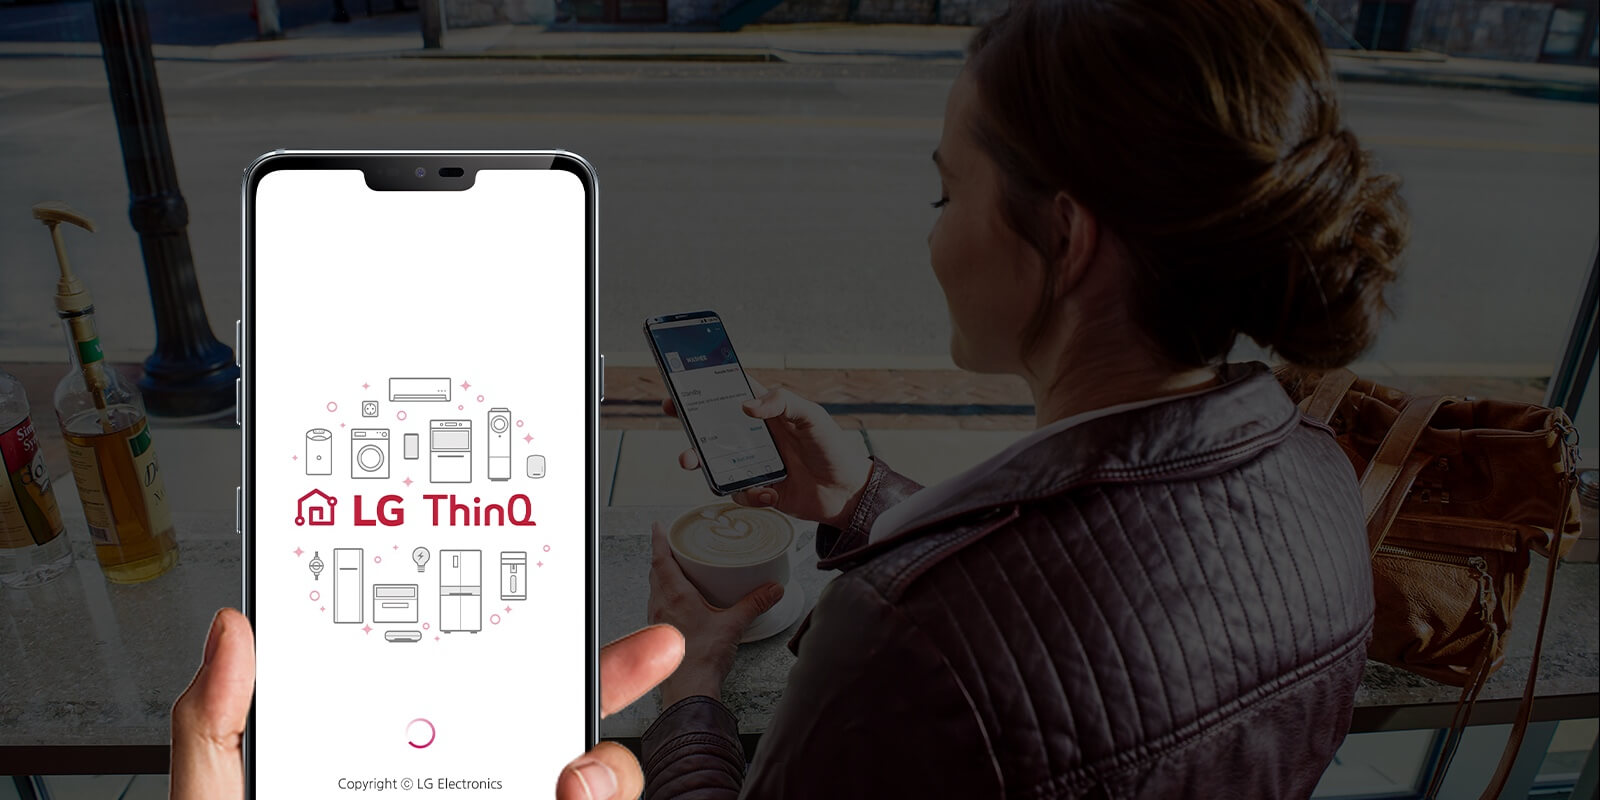 LG ThinQ App te libera de tareas del hogar al permitirte controlar tus dispositivos de manera remota.